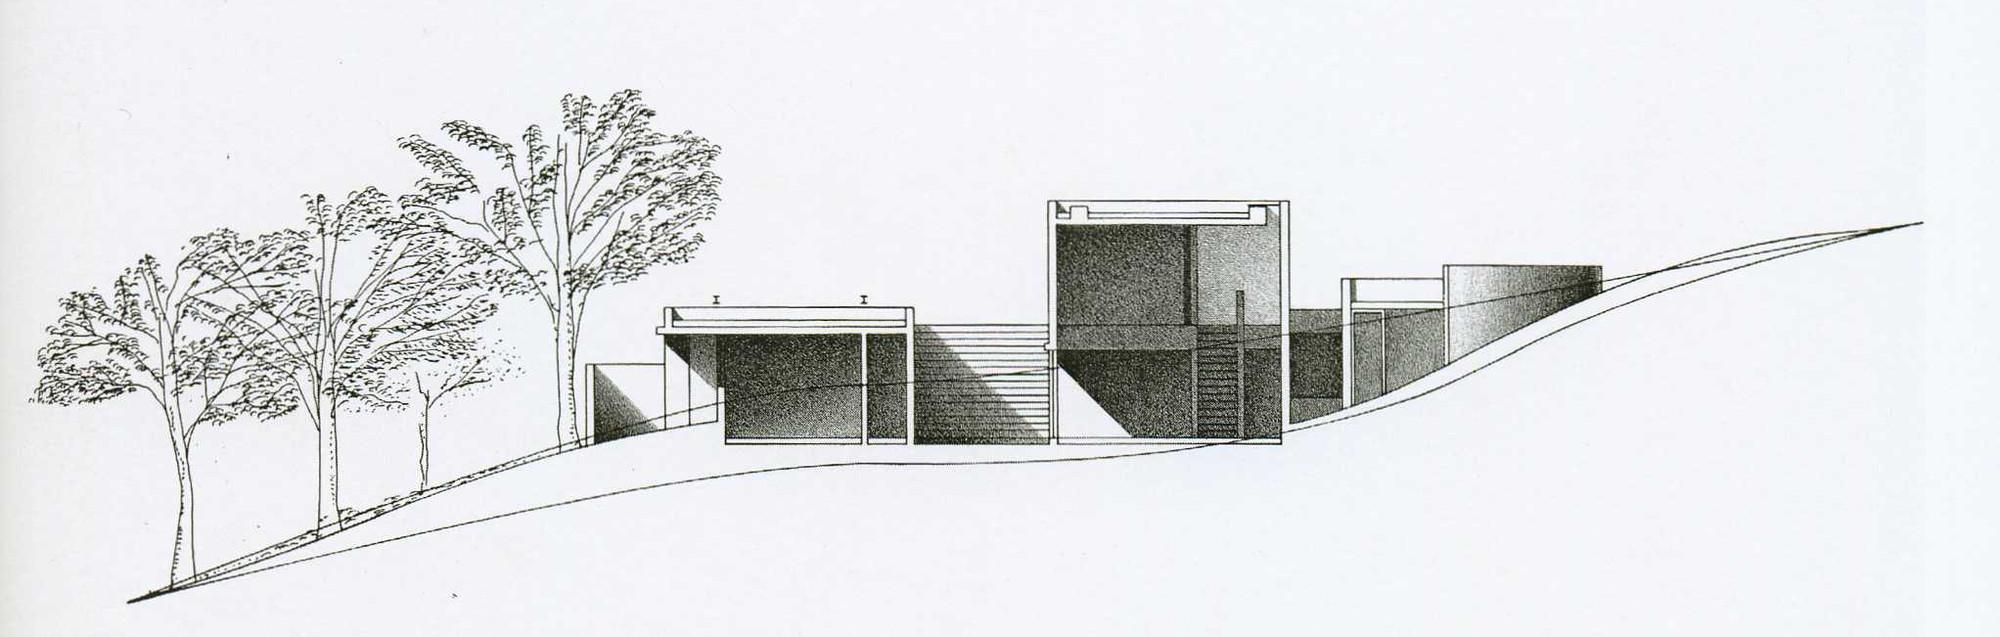 AD Classics Koshino House Tadao Ando Architect and Associates – Koshino House Floor Plan